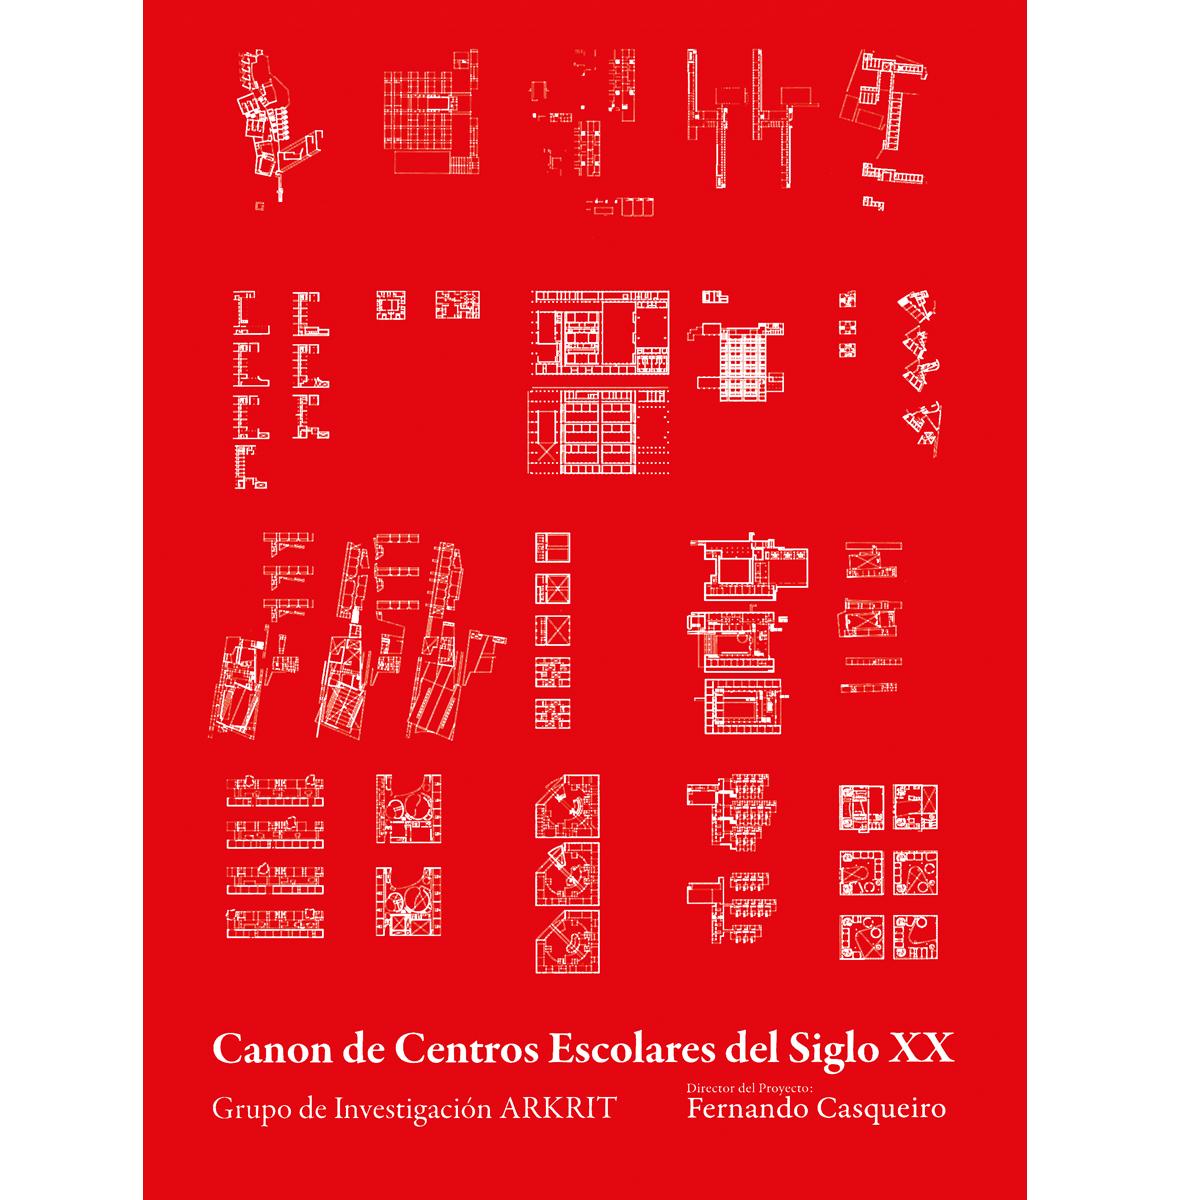 Canon de centros escolares del siglo XX